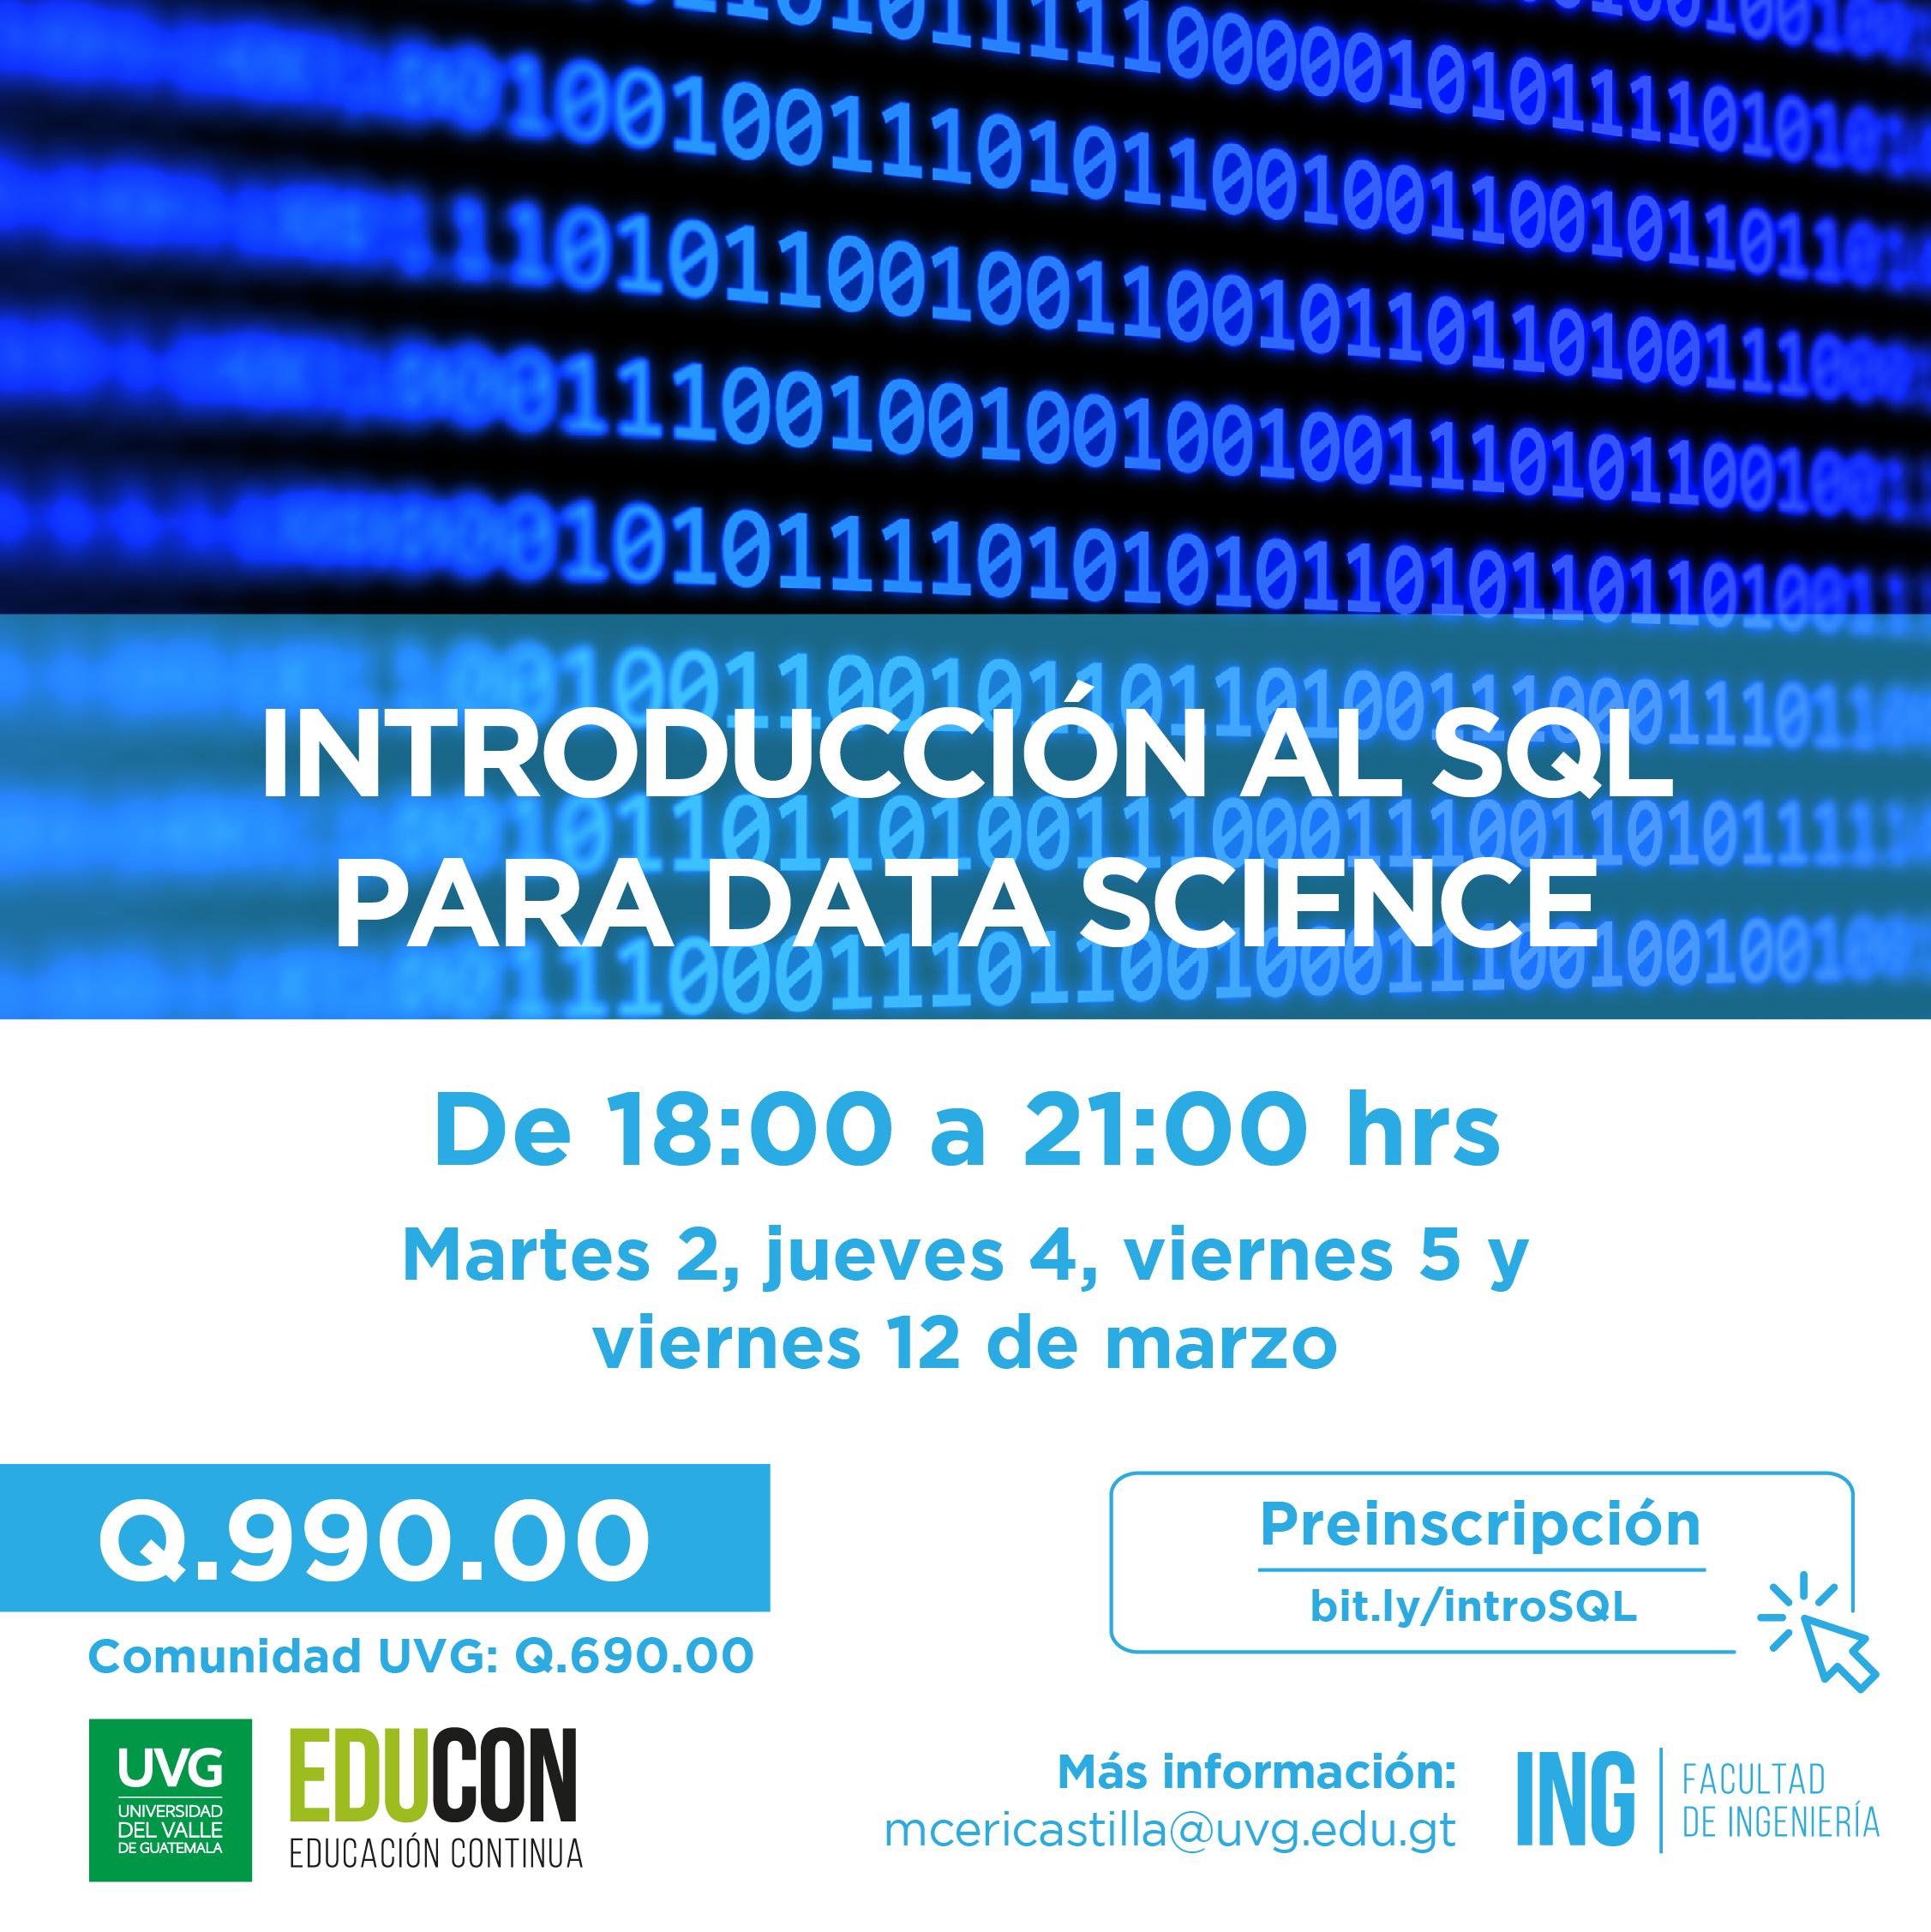 INTRODUCCIÓN AL SQL PARA DATA SCIENCE